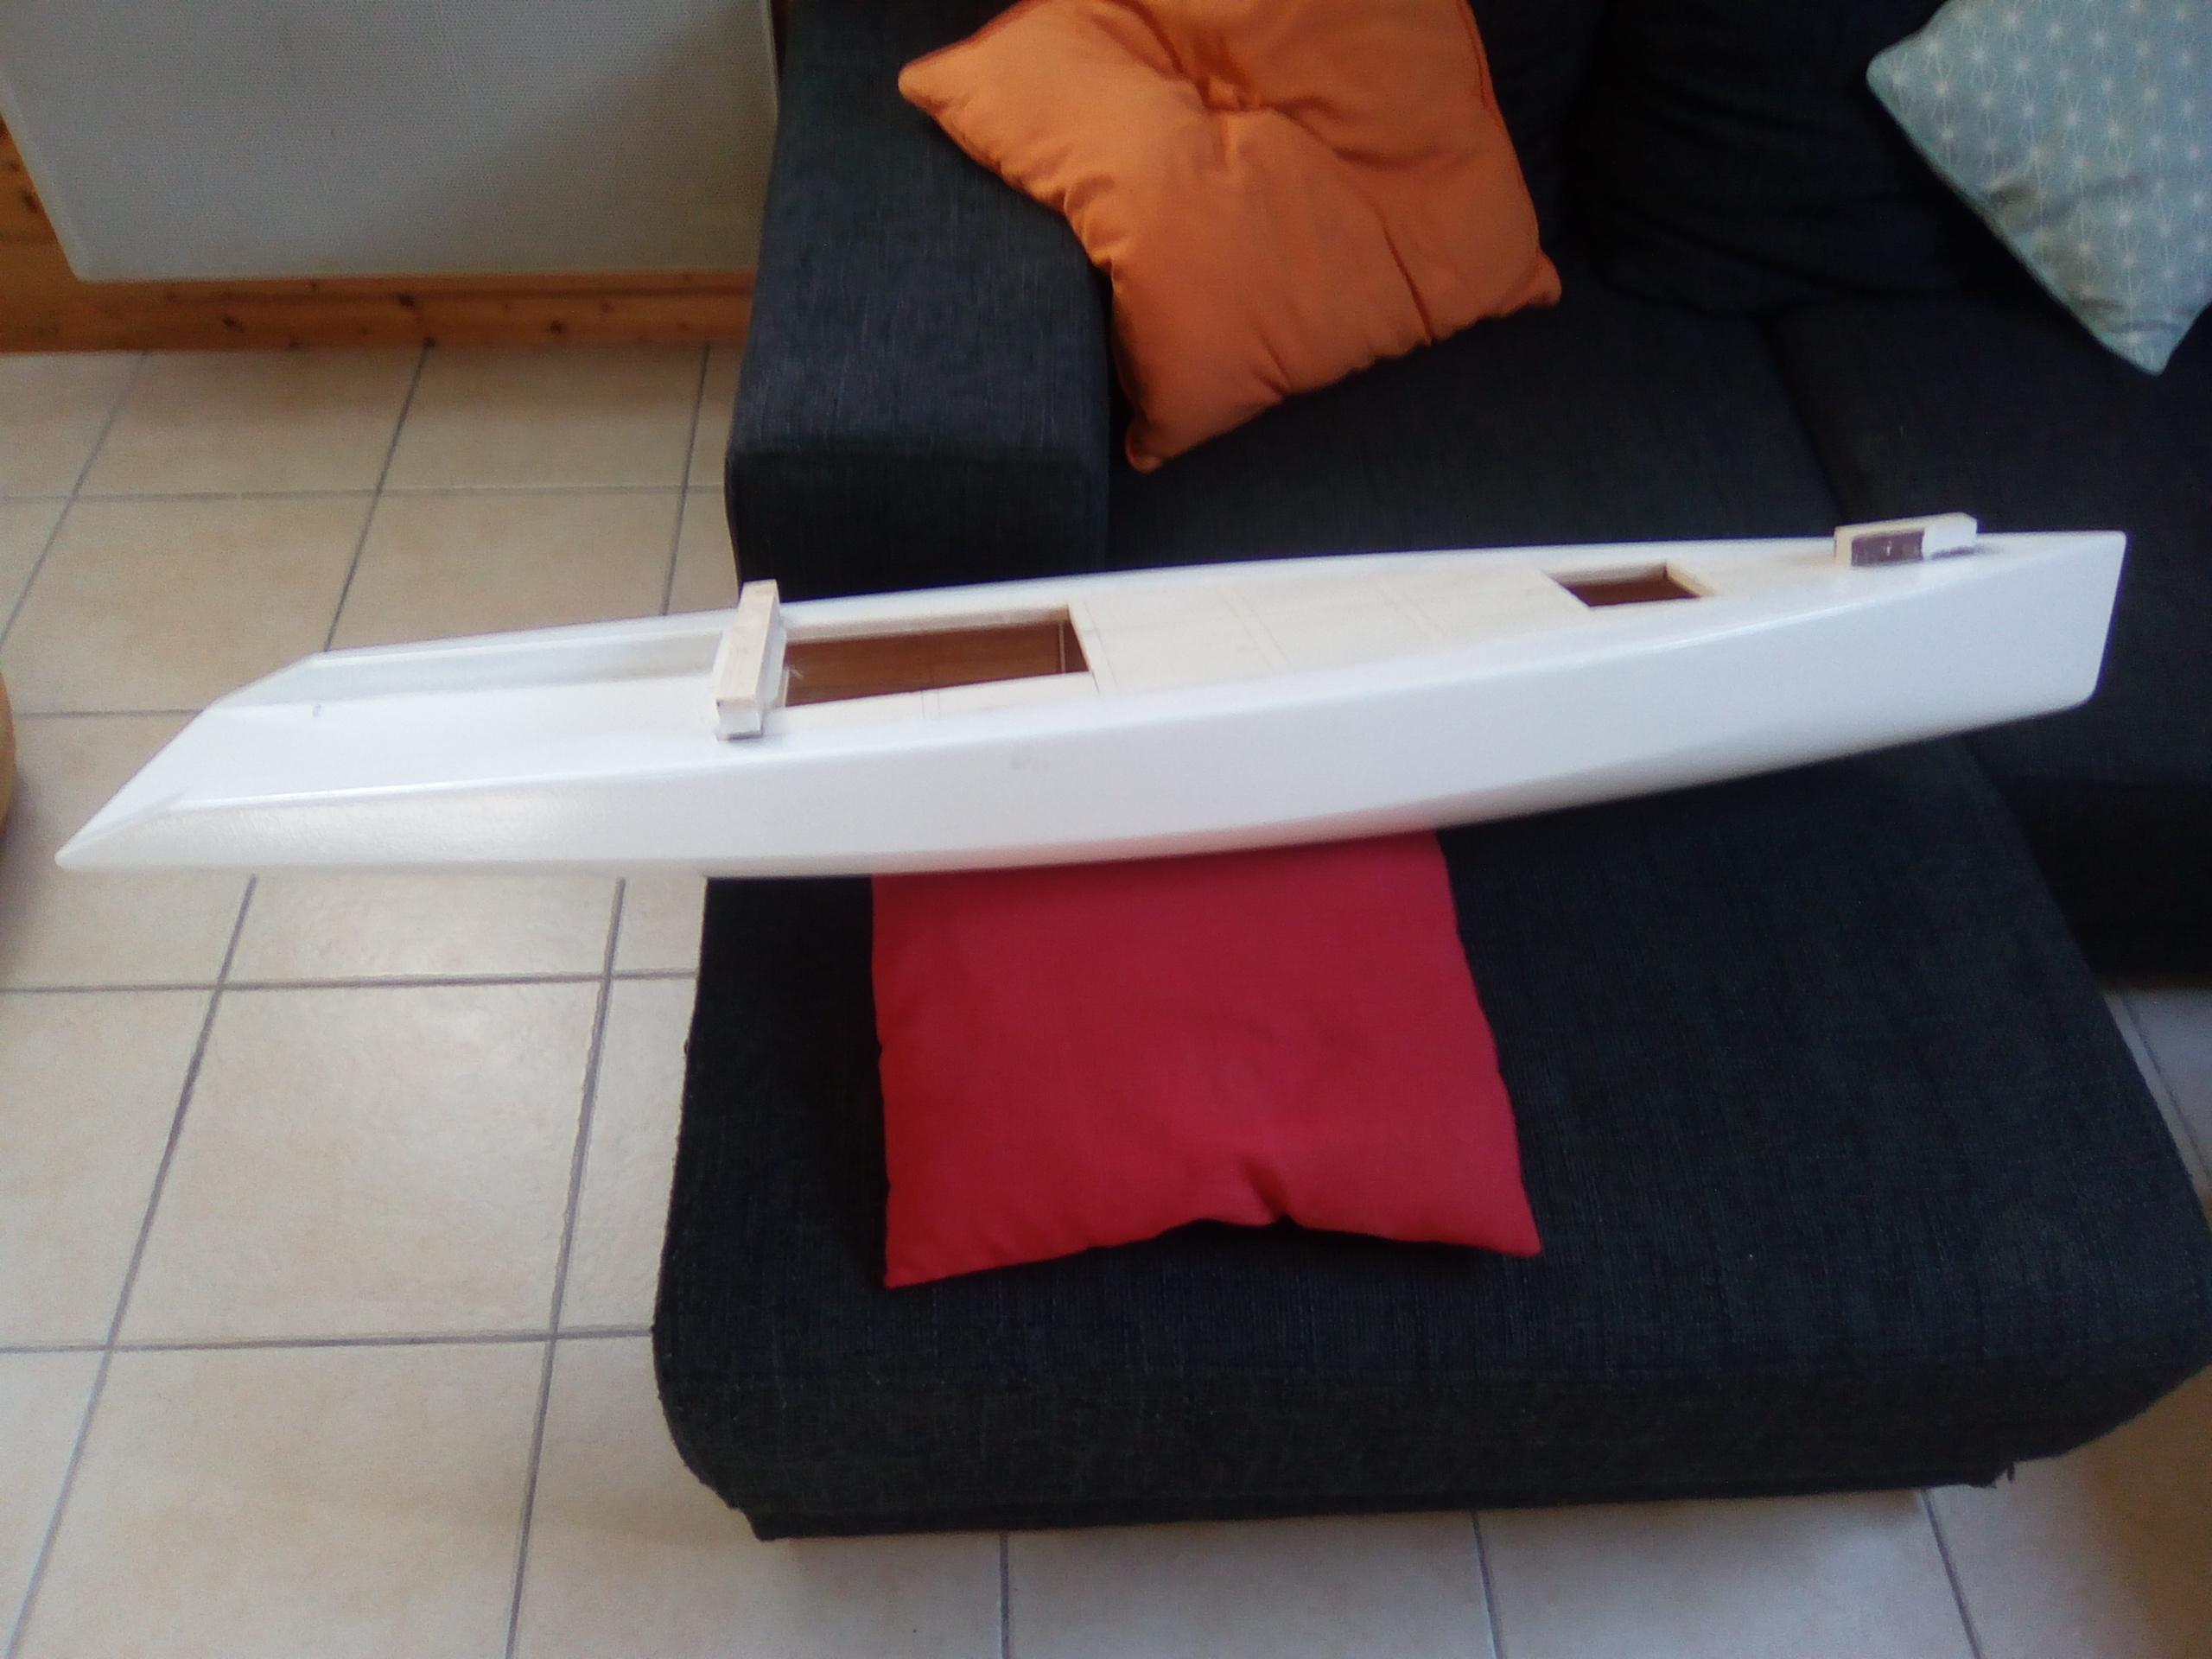 fabrication de mon nouveau jouet  1522825724209627940